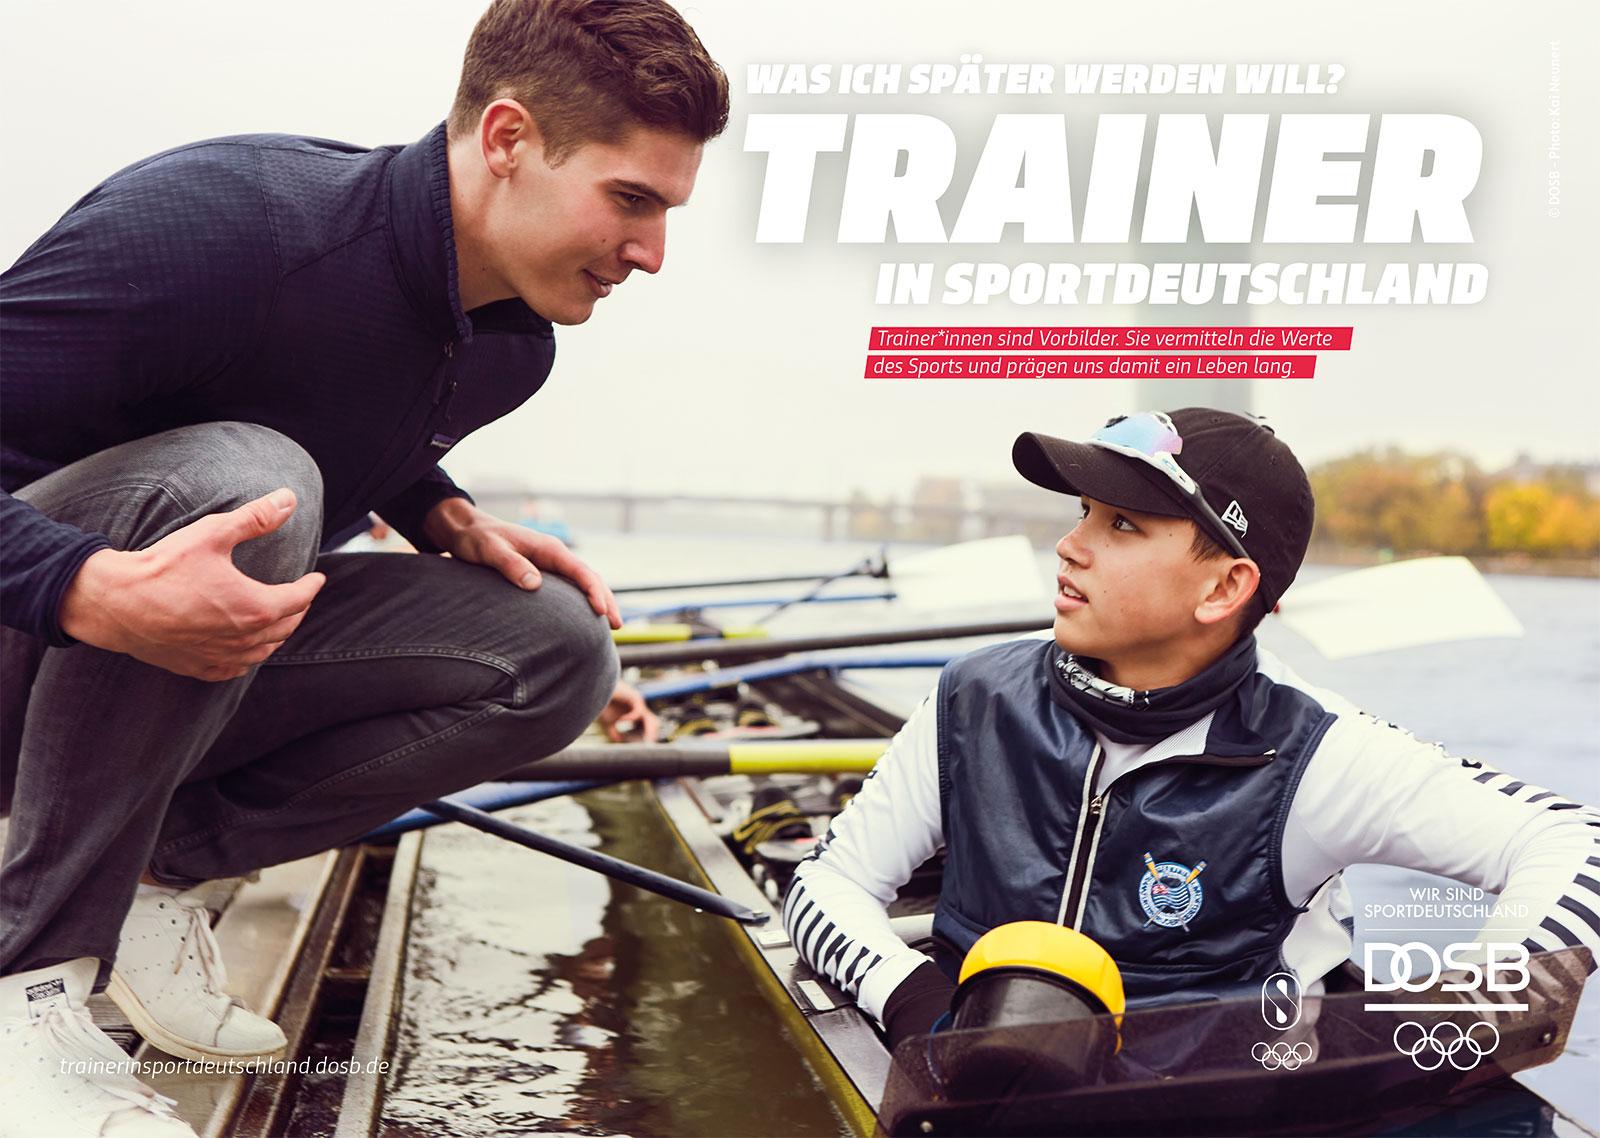 Trainer in Sportdeutschland, Rudermitiv